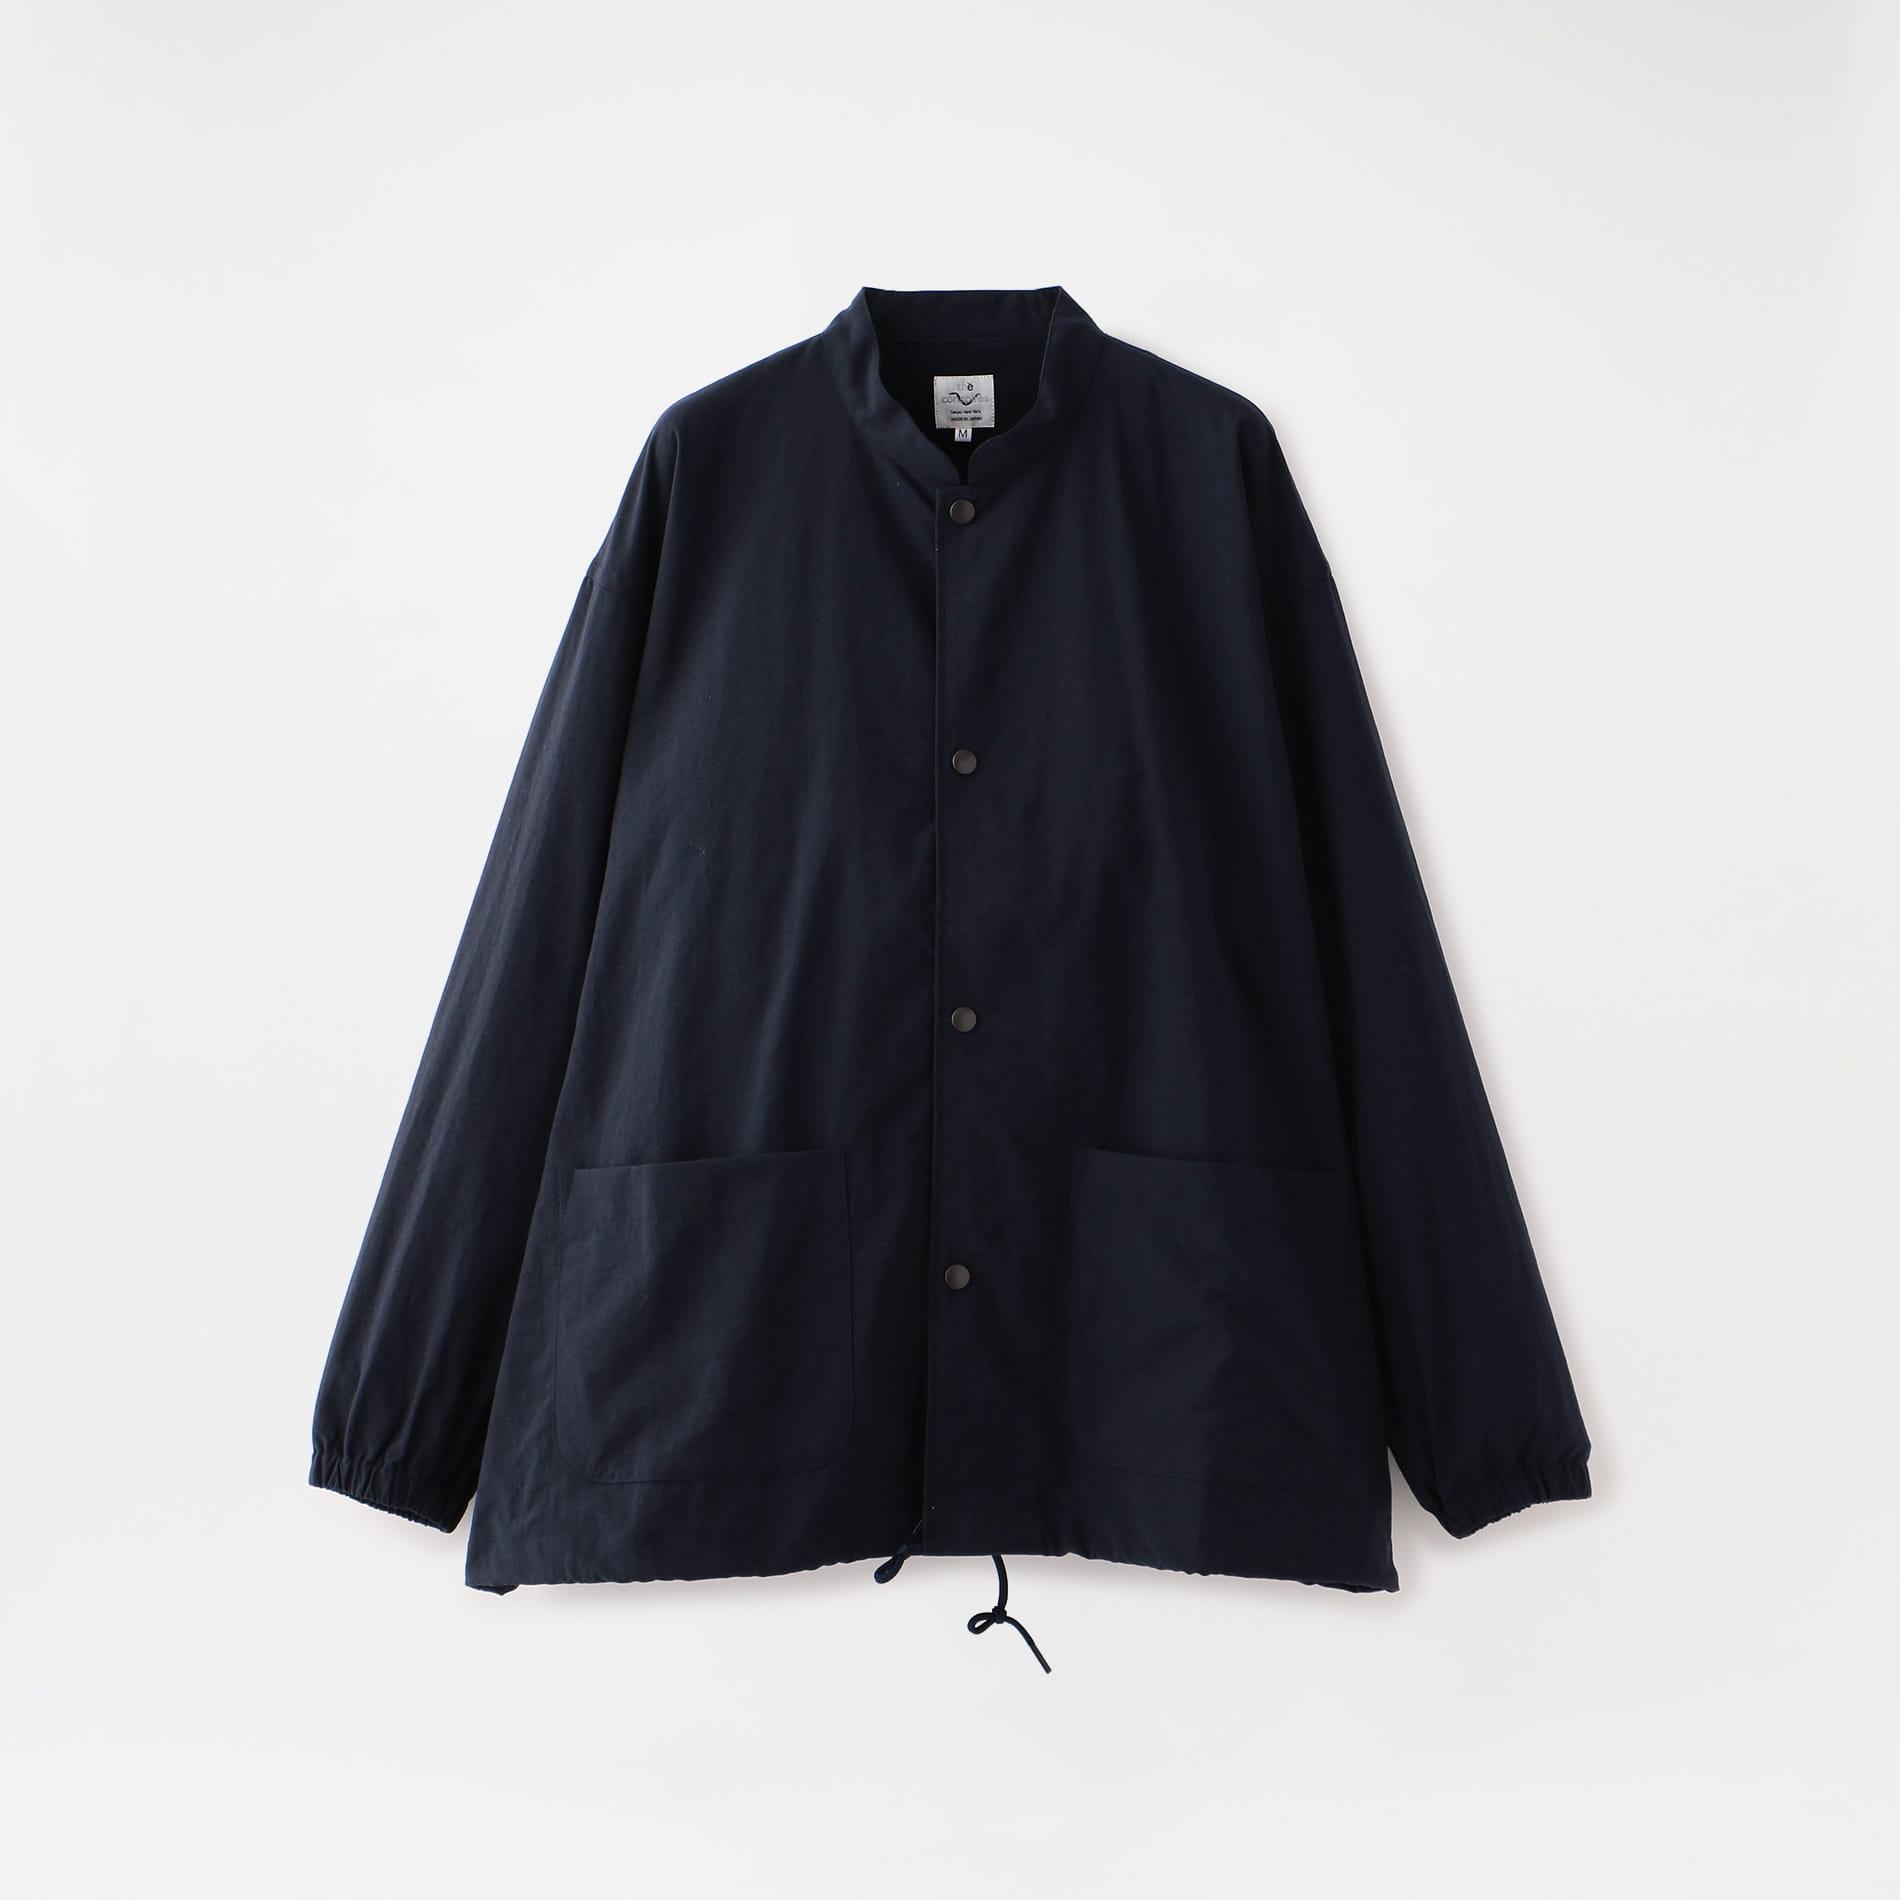 【the conspires】MEN sb stand collar coat 20S202